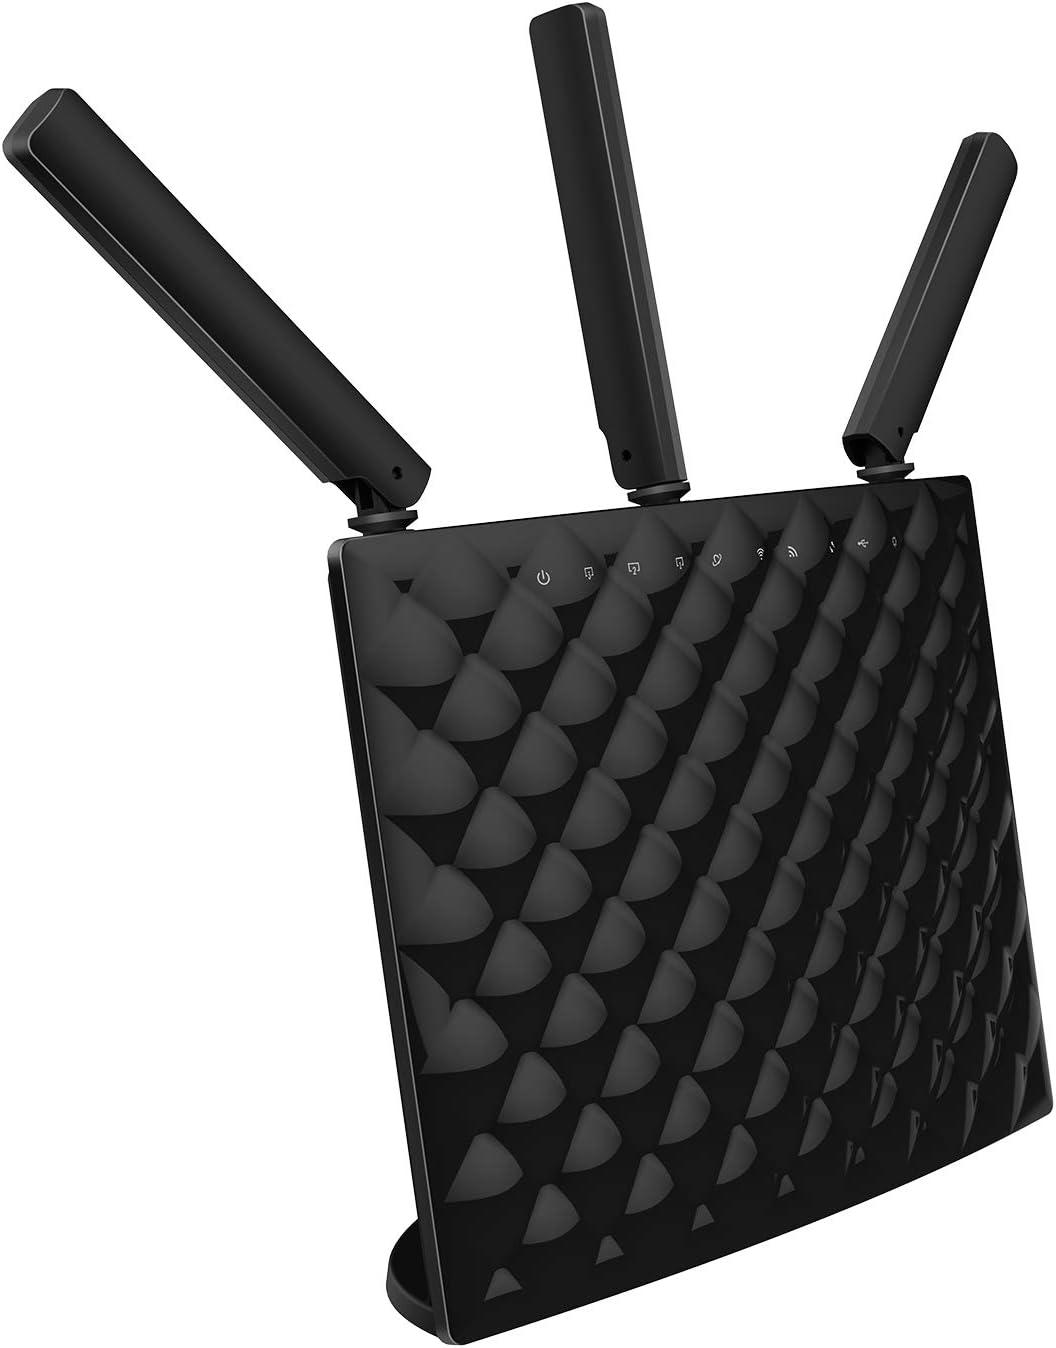 Tenda AC1900 AC15-Router Inalámbrico de Doble Banda (4 Gigabit Puertos, 1300Mbps a 5GHz, 600Mbps a 2.4GHz, 3 Antenas externas, USB3.0, Tecnología de formación de haces, Servidor VPN, WPS, DDNS)